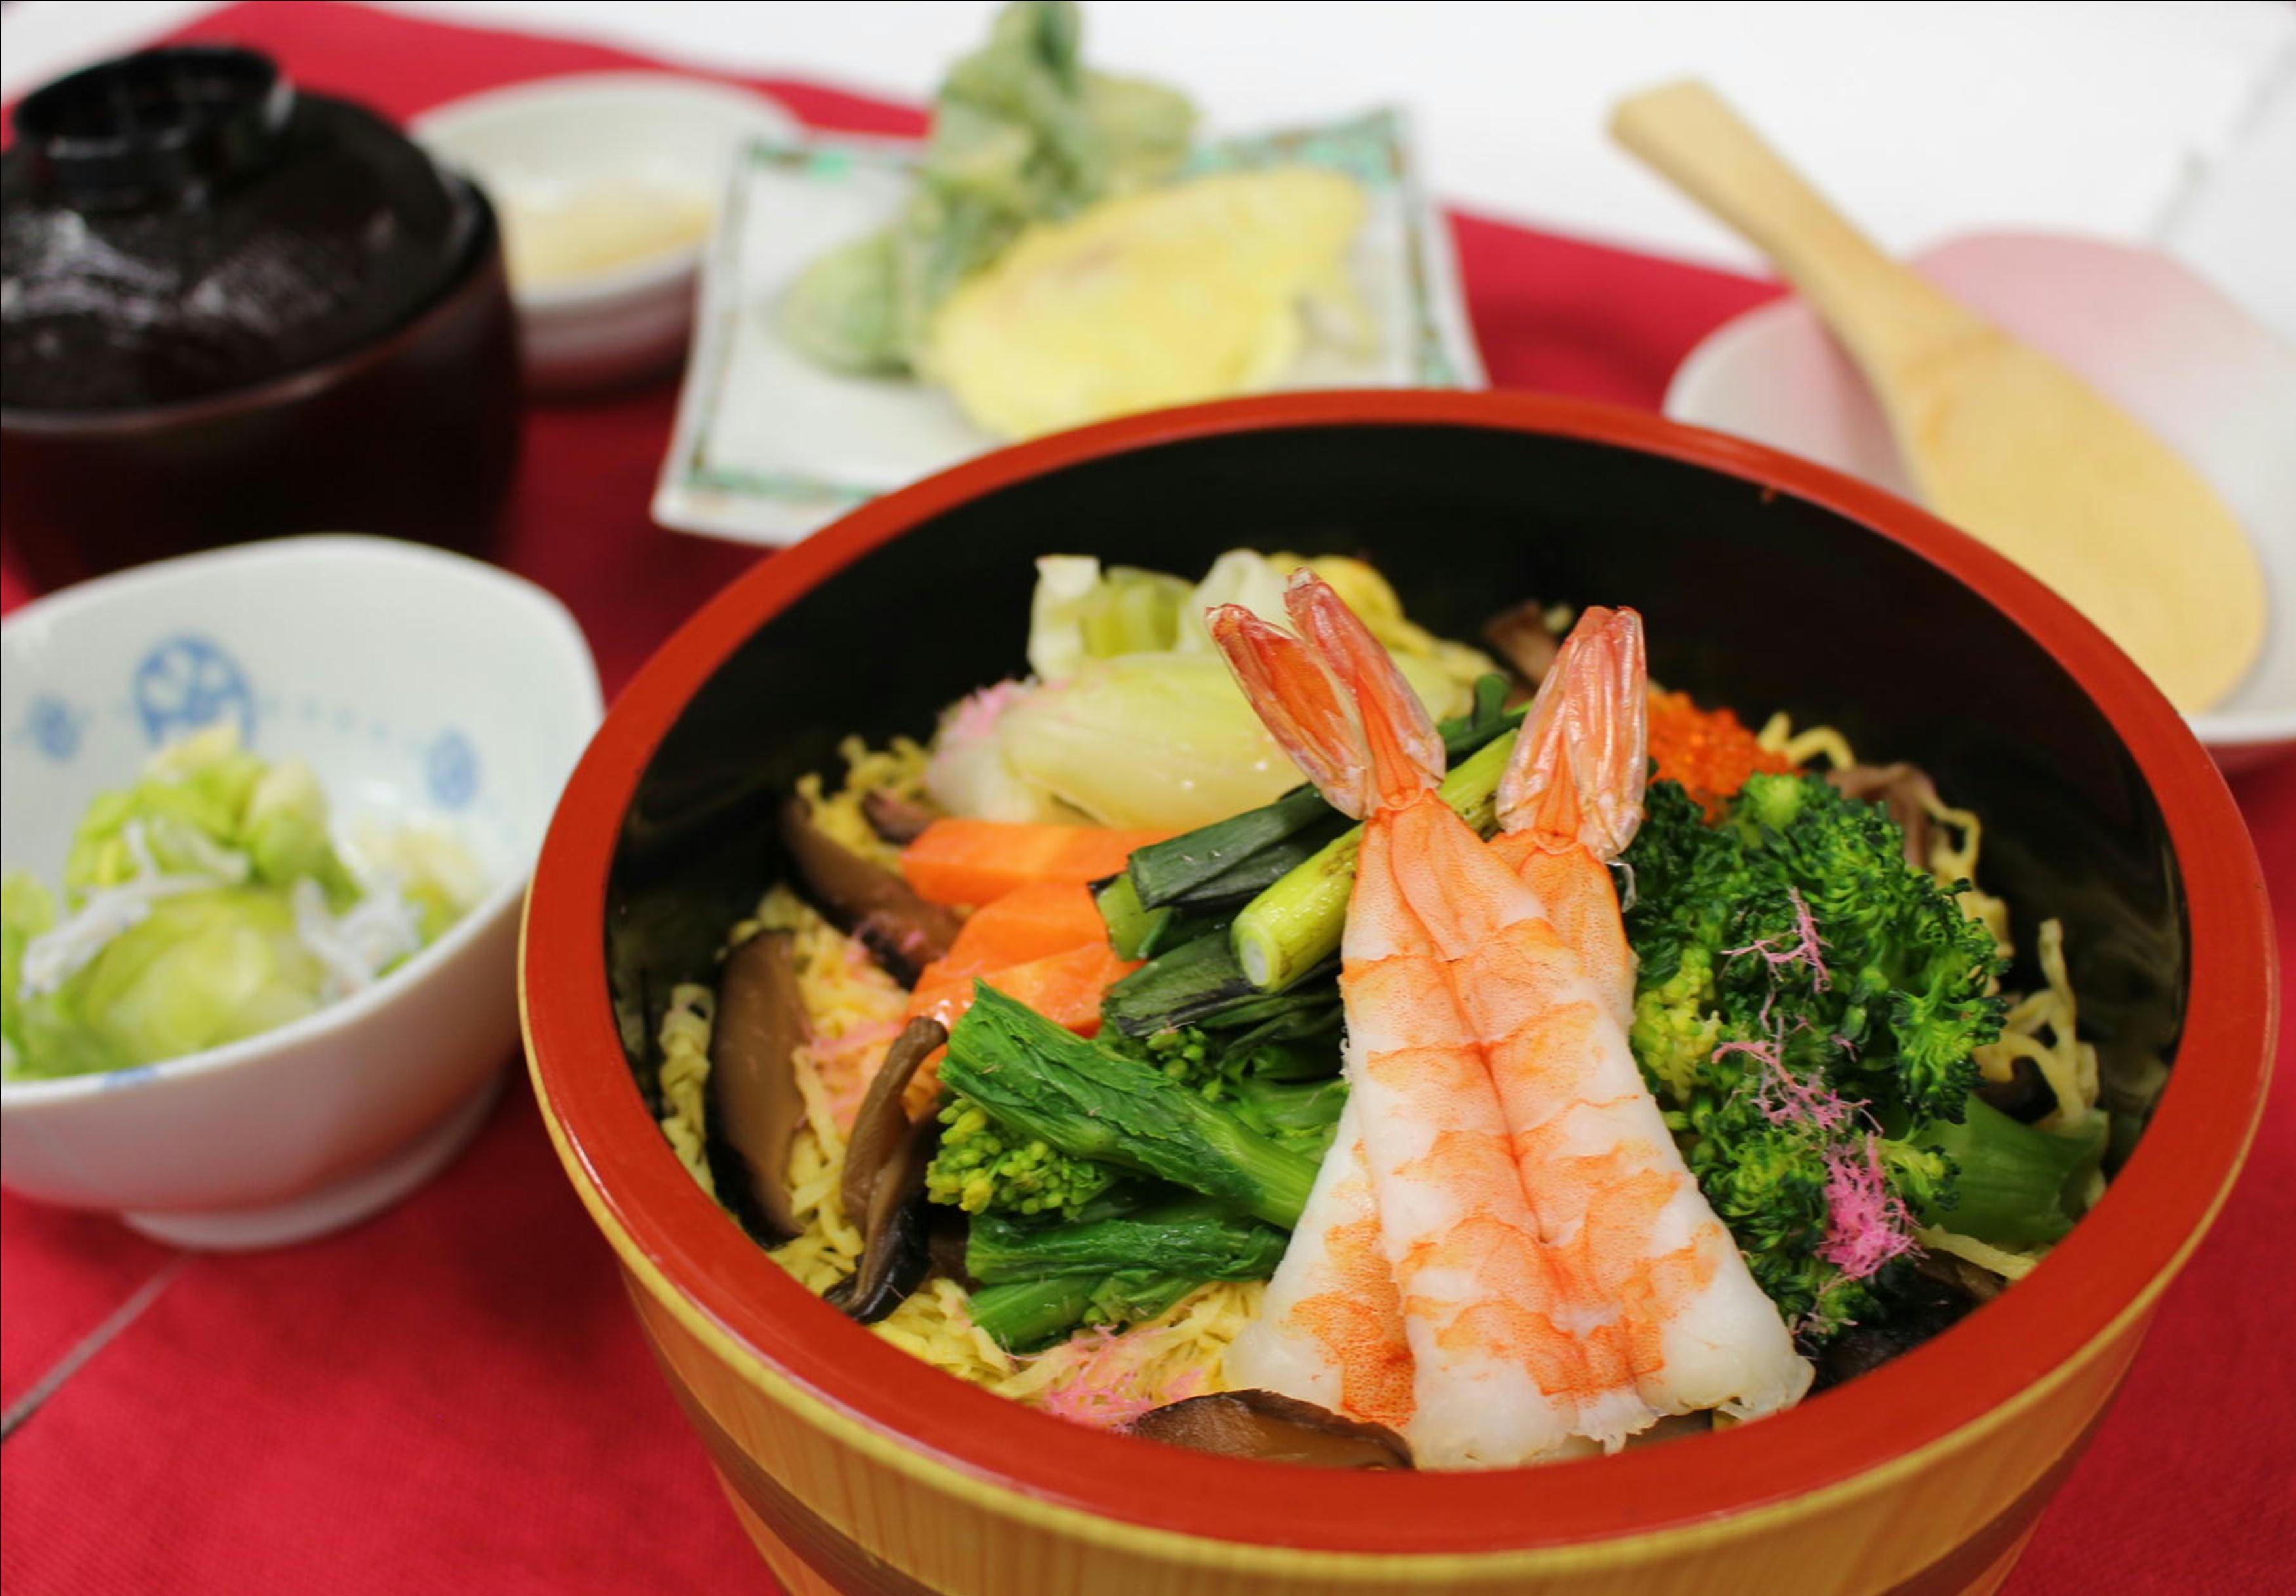 【旬の野菜を待って食べる】時待ち定食